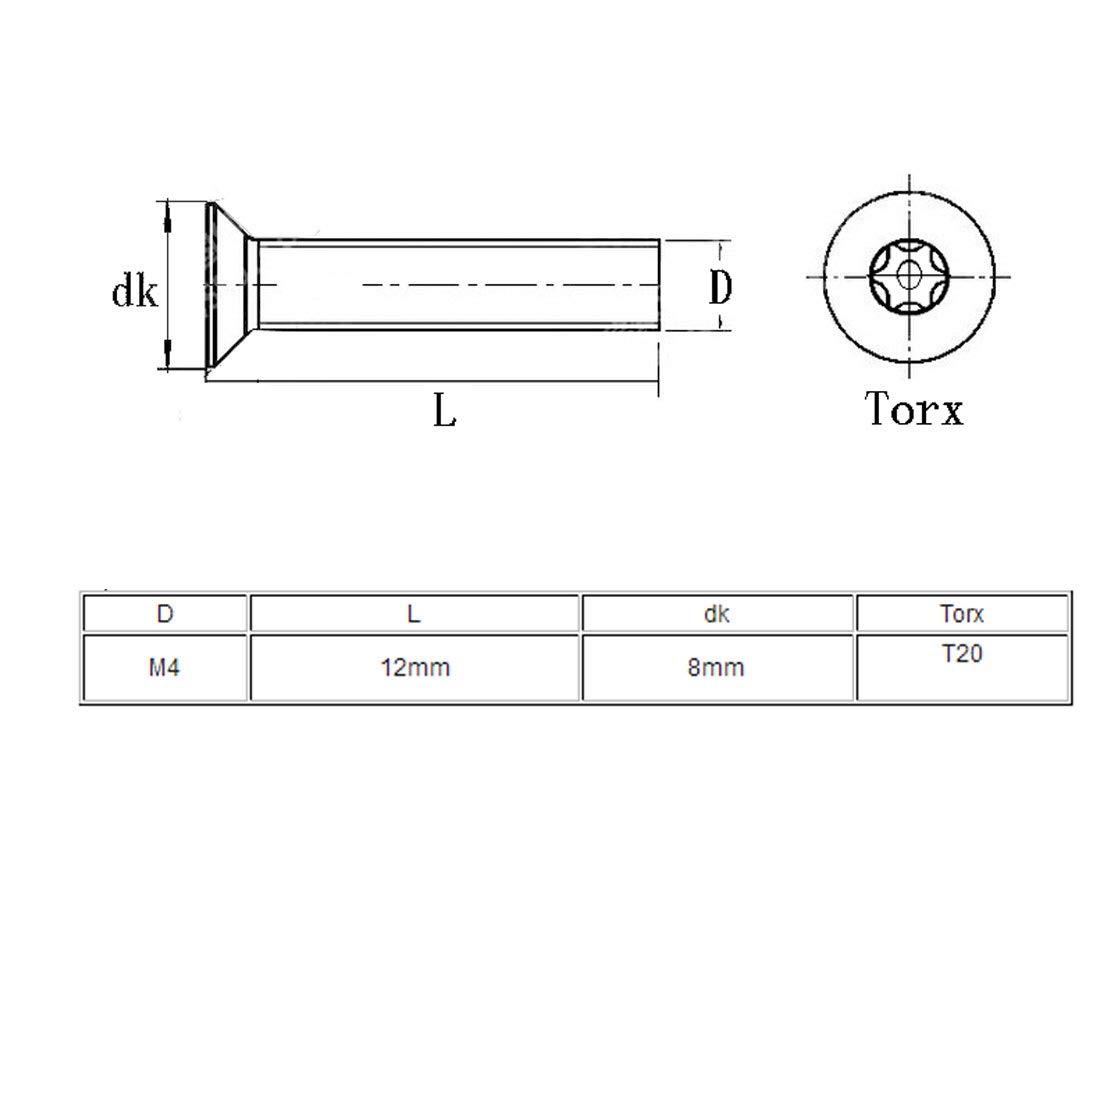 sourcing map 40 piezas Tornillo Torx manipulaci/ón cinco l/óbulos M4x12mm de Acero inoxidable 304 de cabeza plana